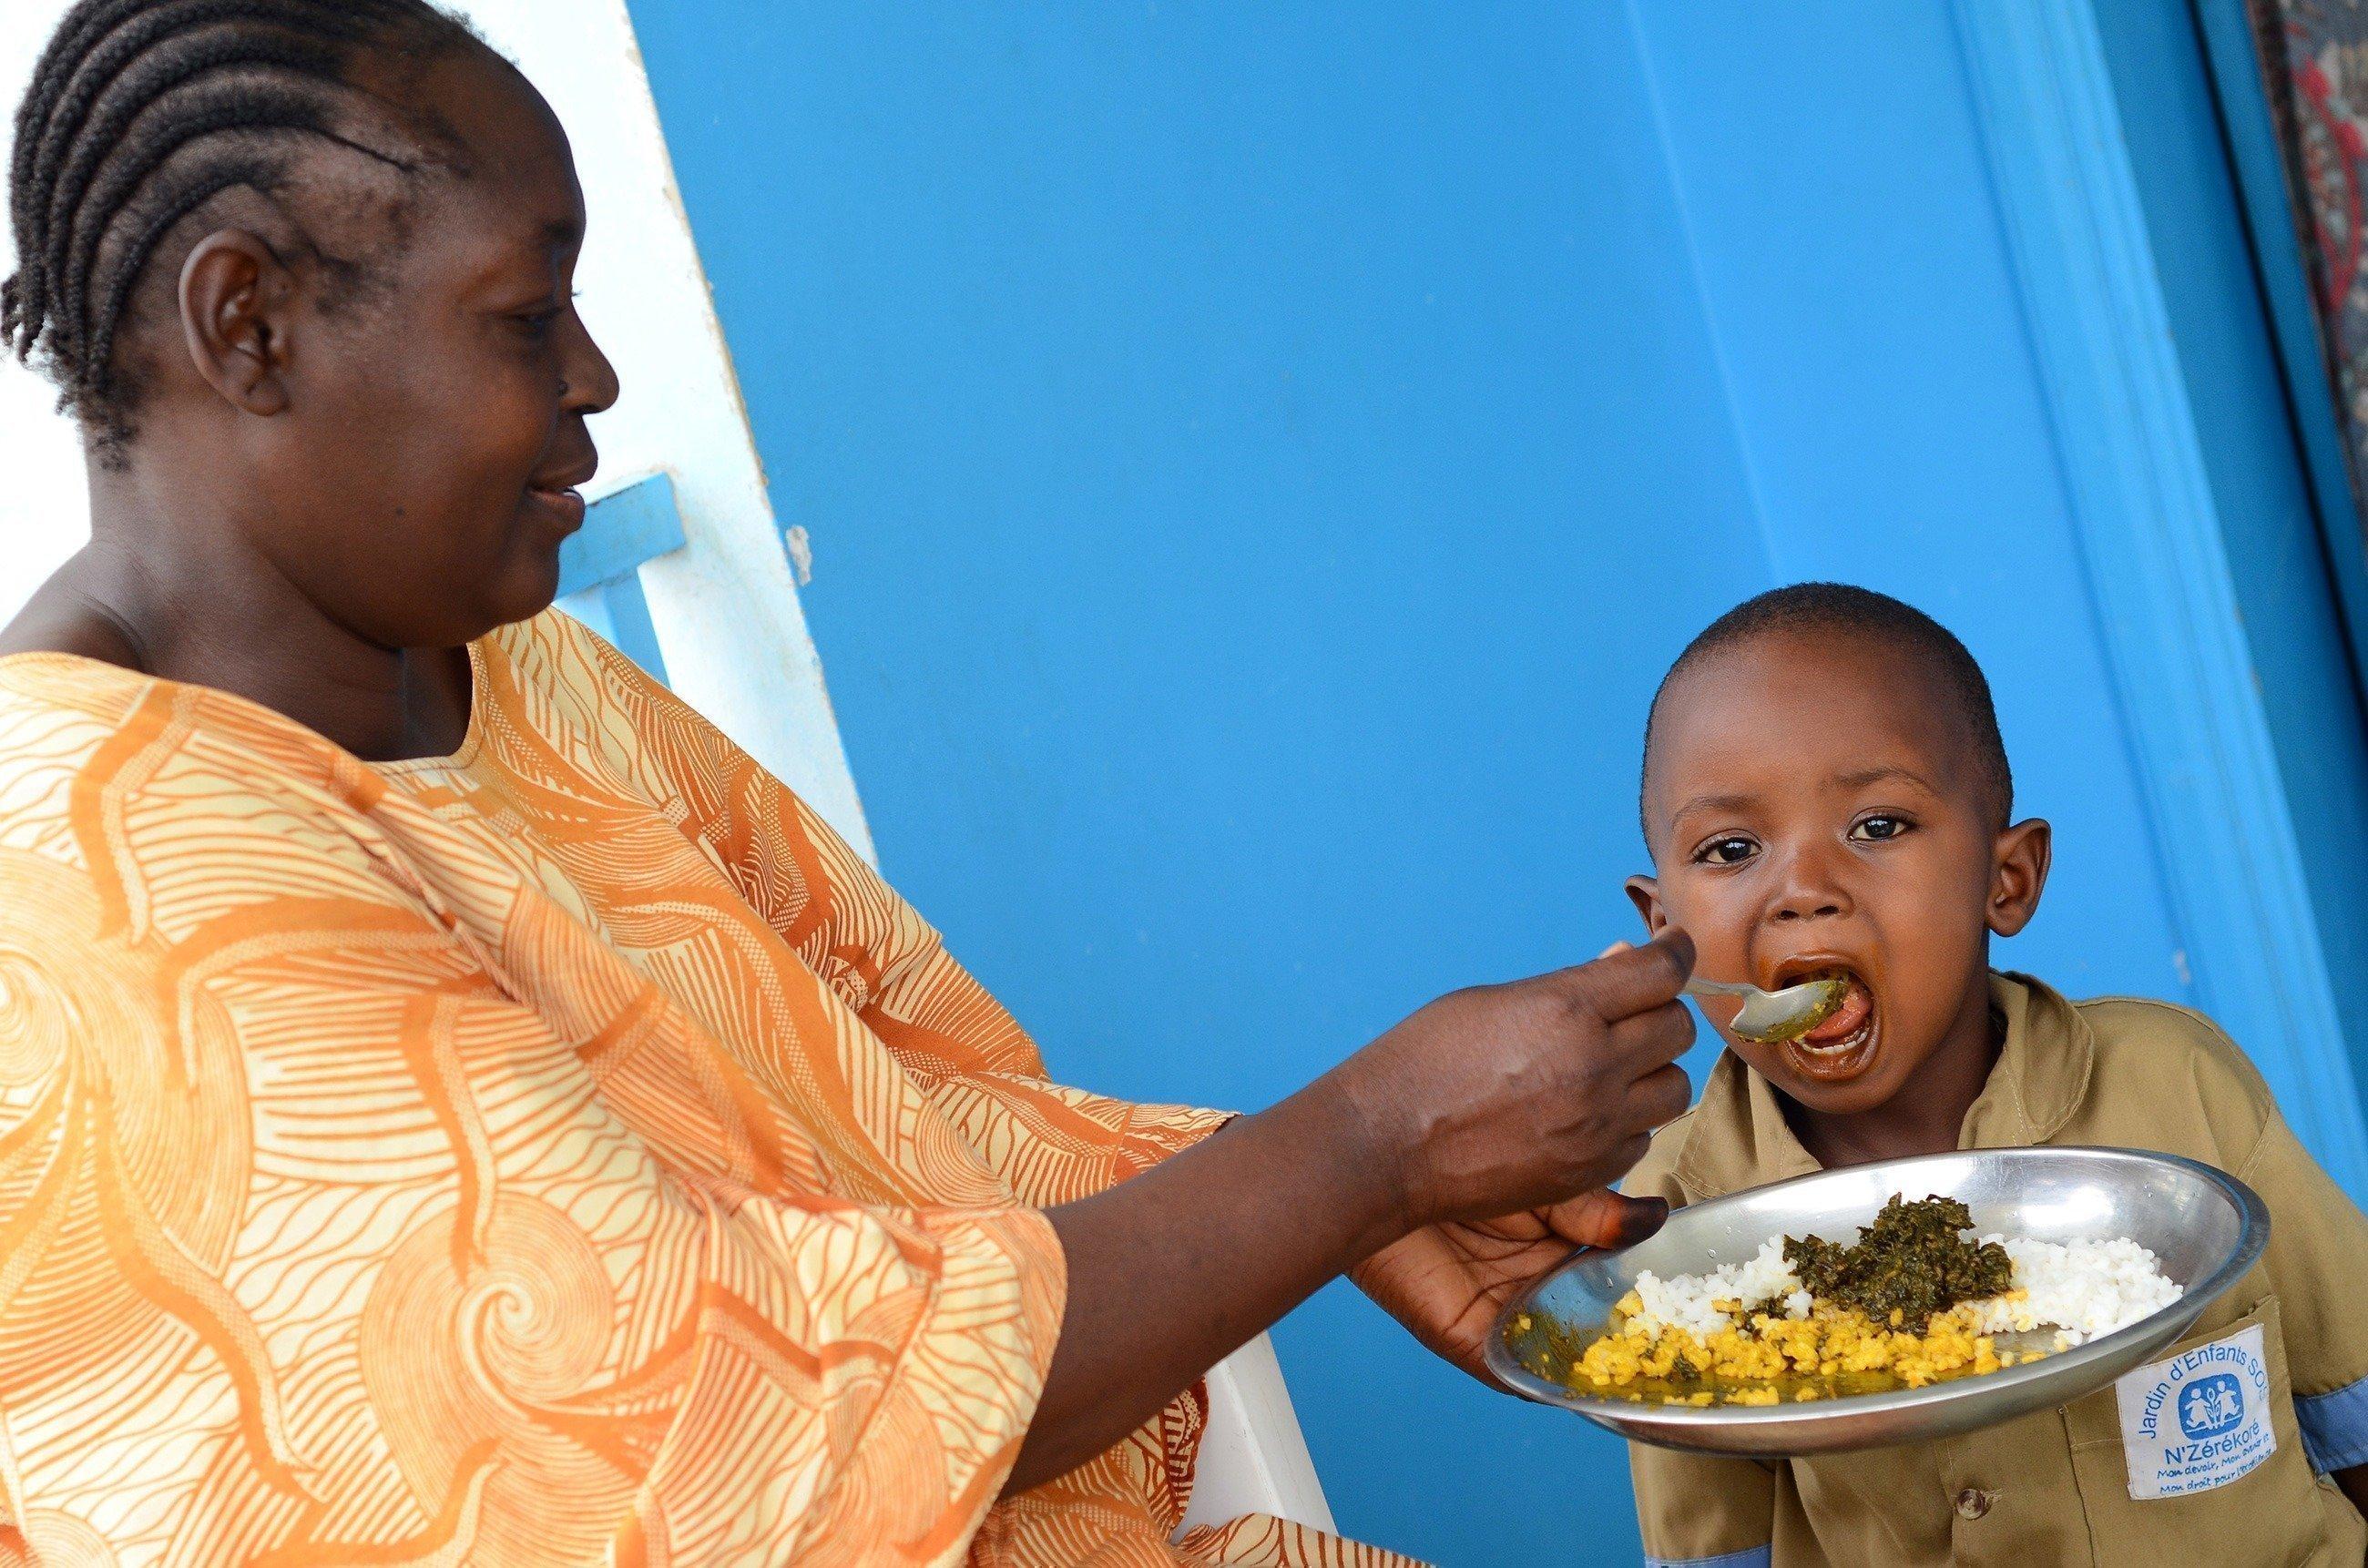 Una mamma di un villaggio dei bambini SOS che dà da mangiare a un bambino.